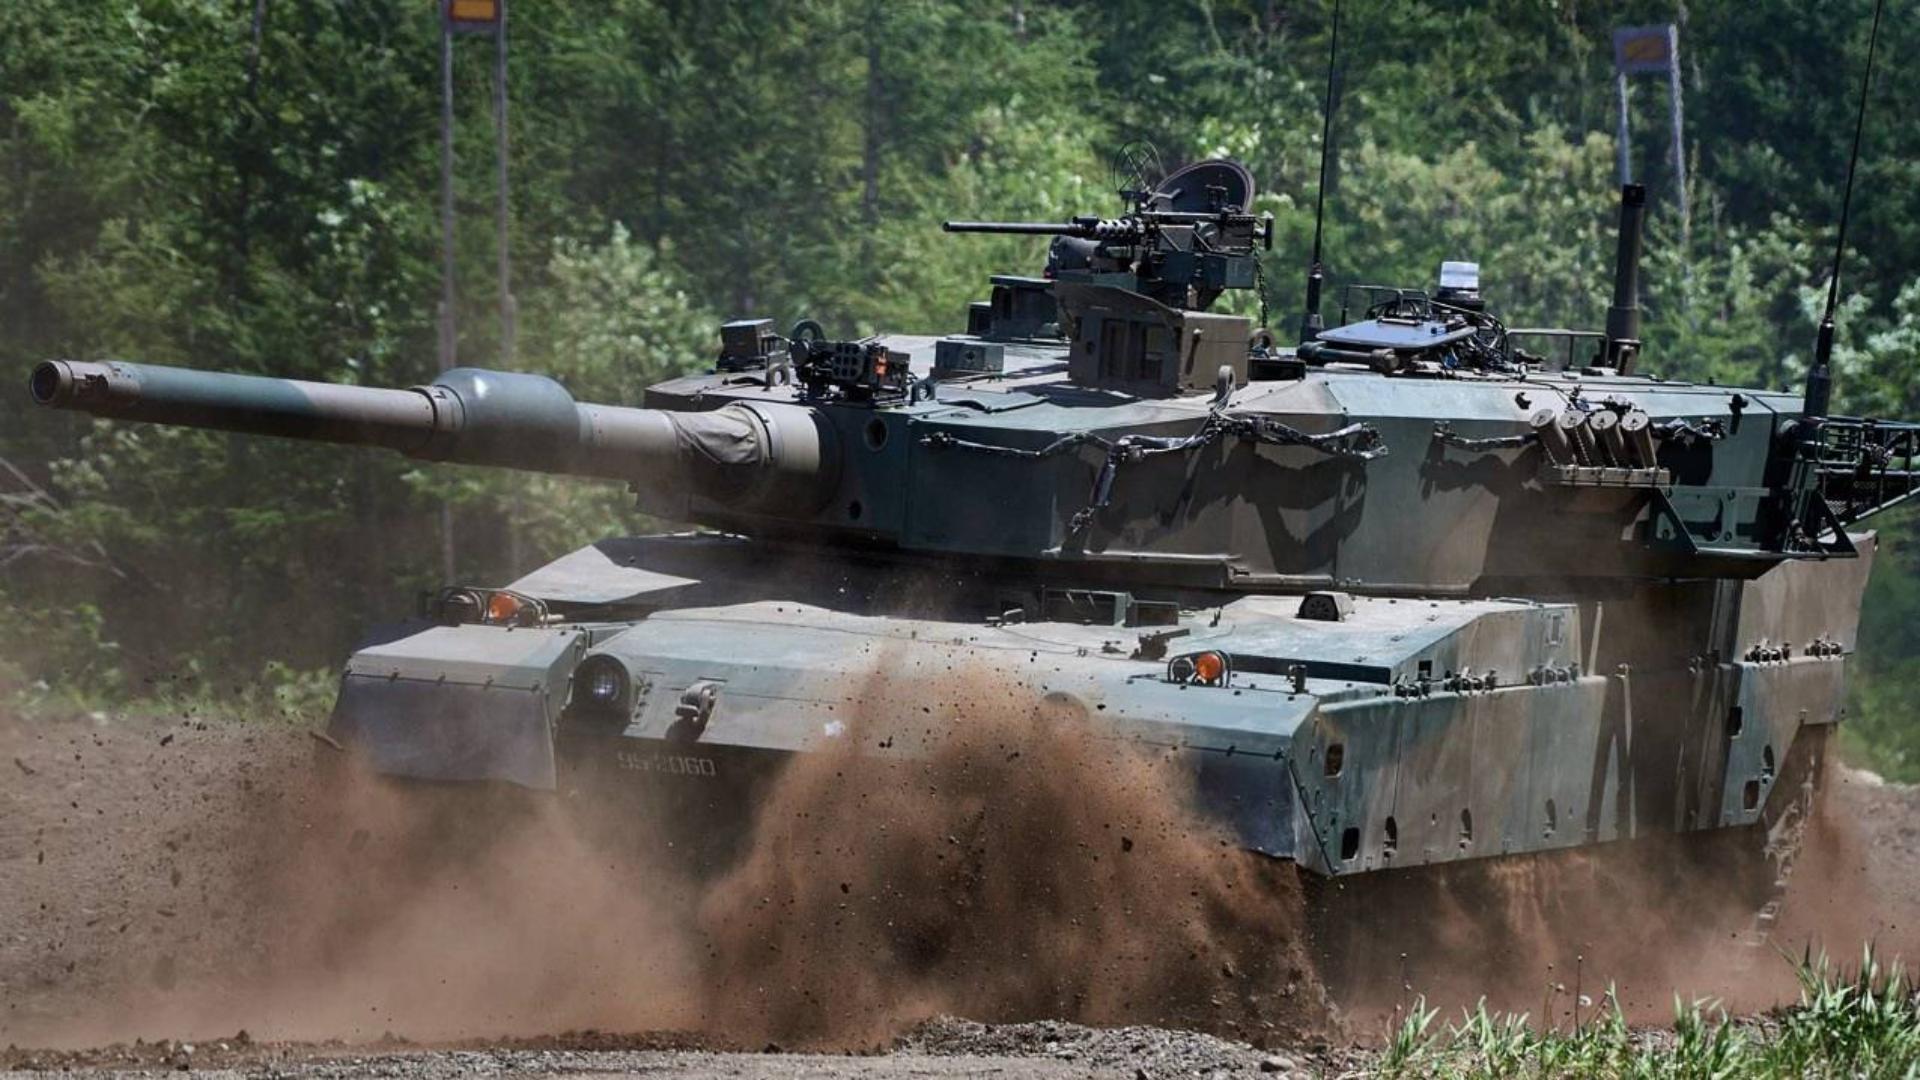 【讲堂523期】曾经爱来姨妈的日本90式坦克,没想到火控系统这么先进